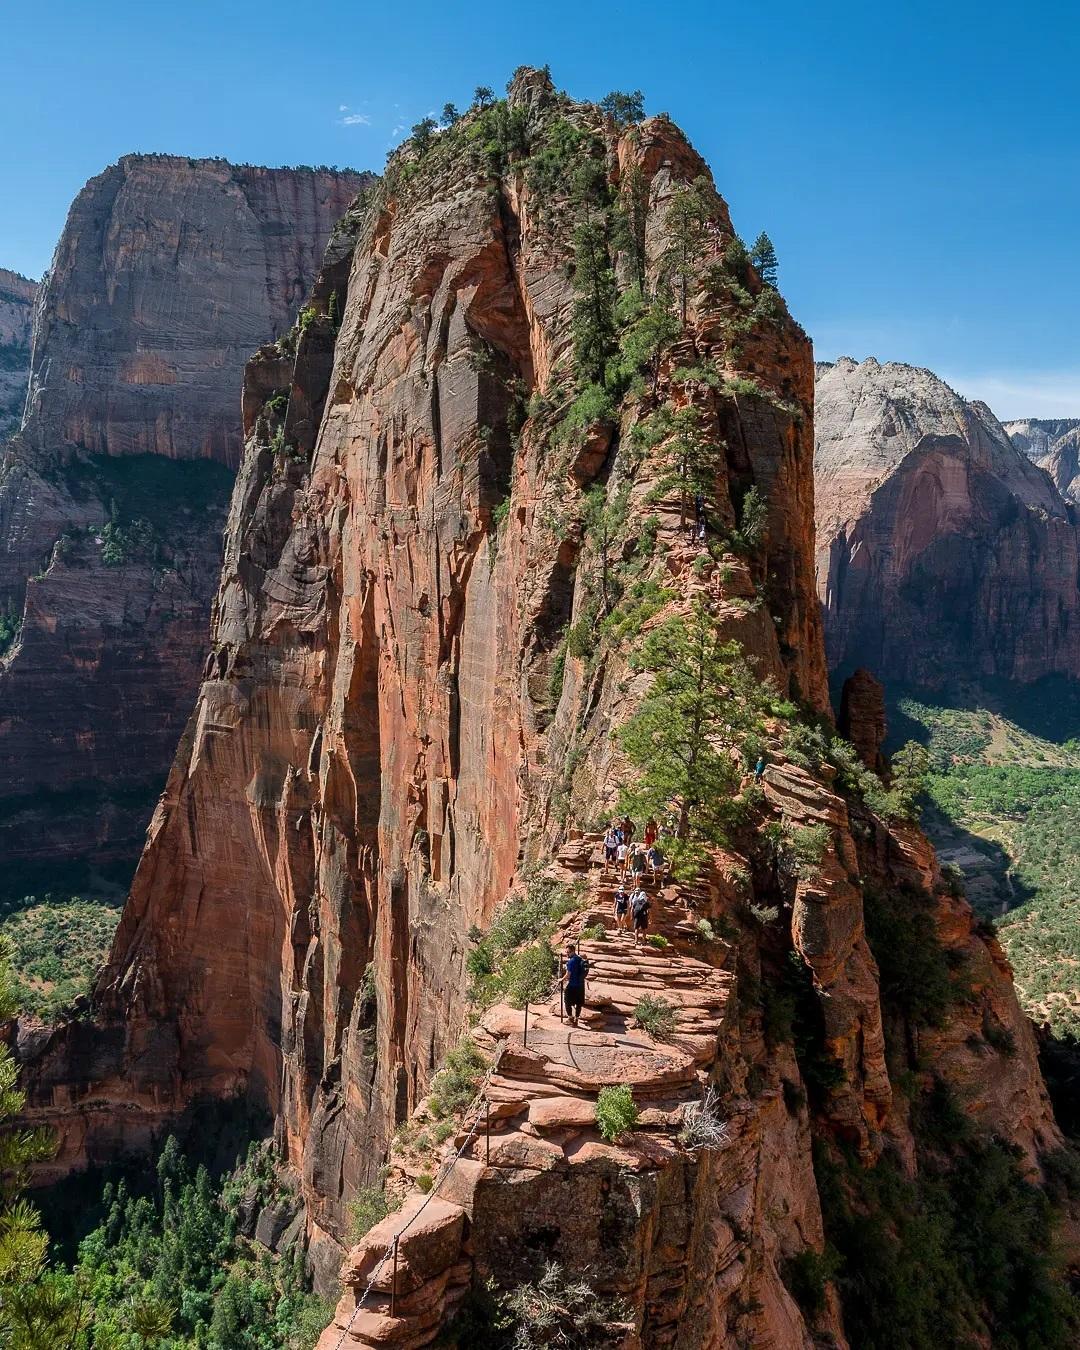 Angels Landing nhìn từ trên cao. Phần thưởng của người leo tới đỉnh núi là được ngắm cảnh tại nơi được mệnh danh là một trong những điểm ngắm cảnh đẹp nhất Mỹ. Ảnh: @exploremorenature/Instagram